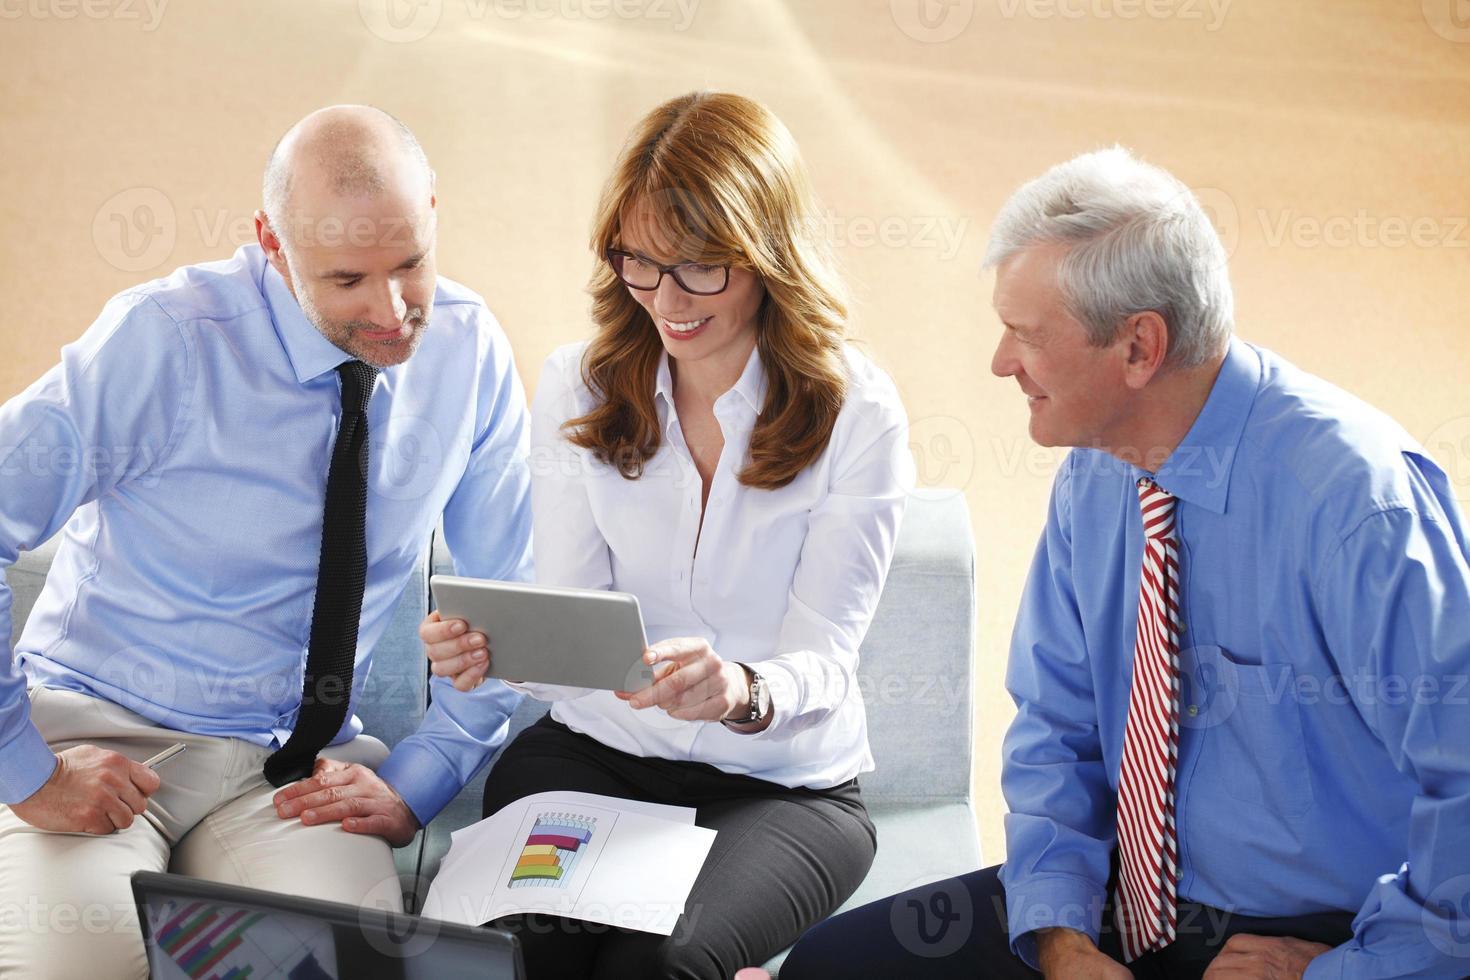 equipe de negócios no trabalho foto